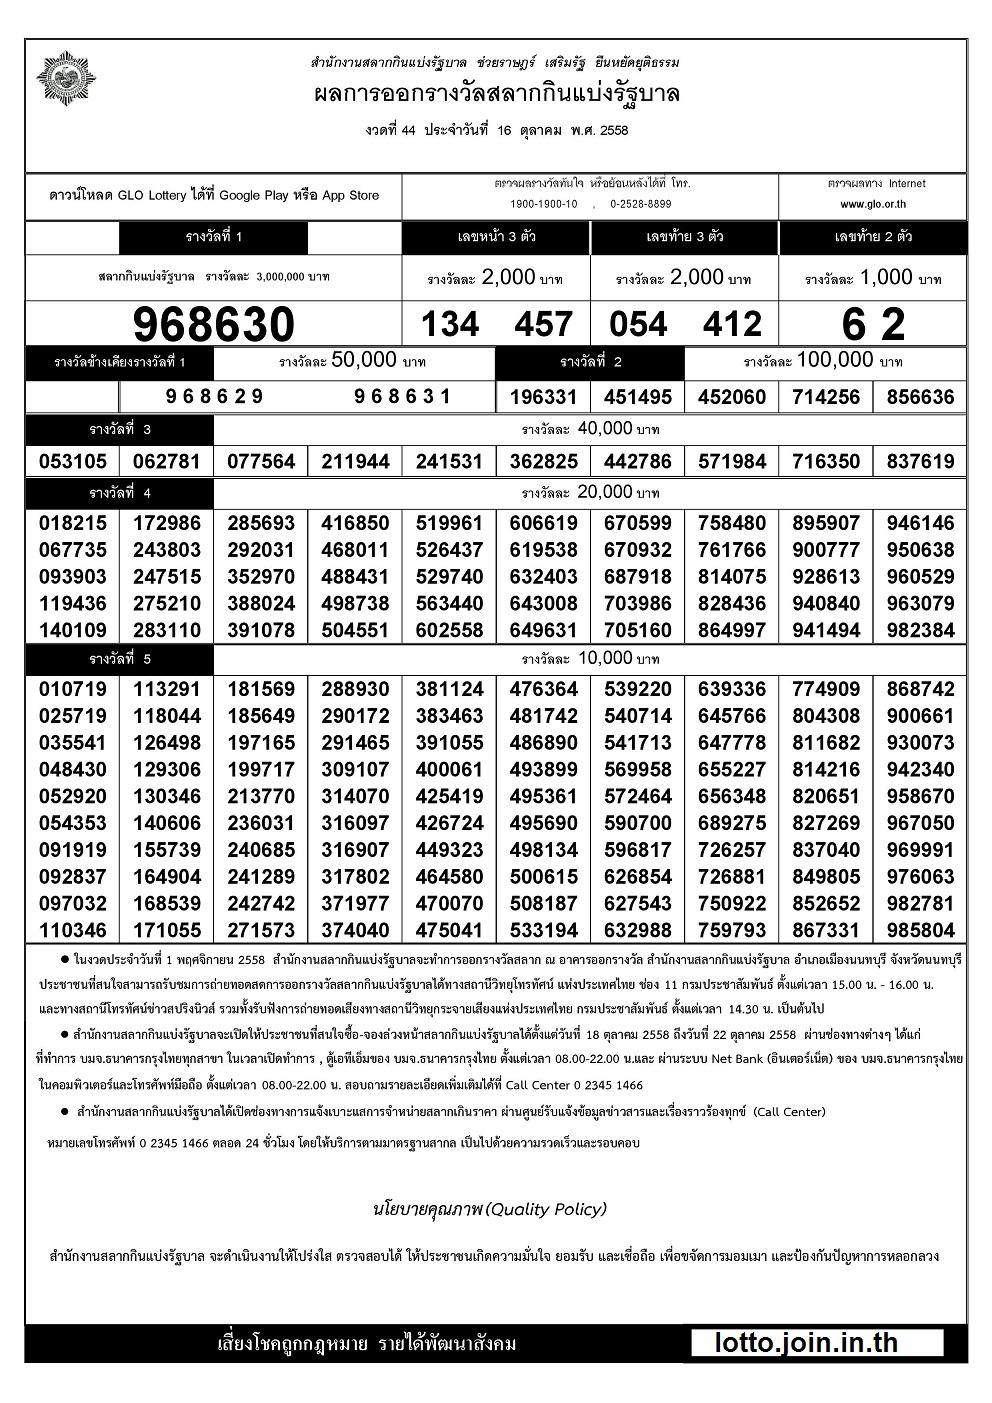 ใบตรวจสลากกินแบ่งรัฐบาล ใบตรวจหวย 16 ตุลาคม 2558